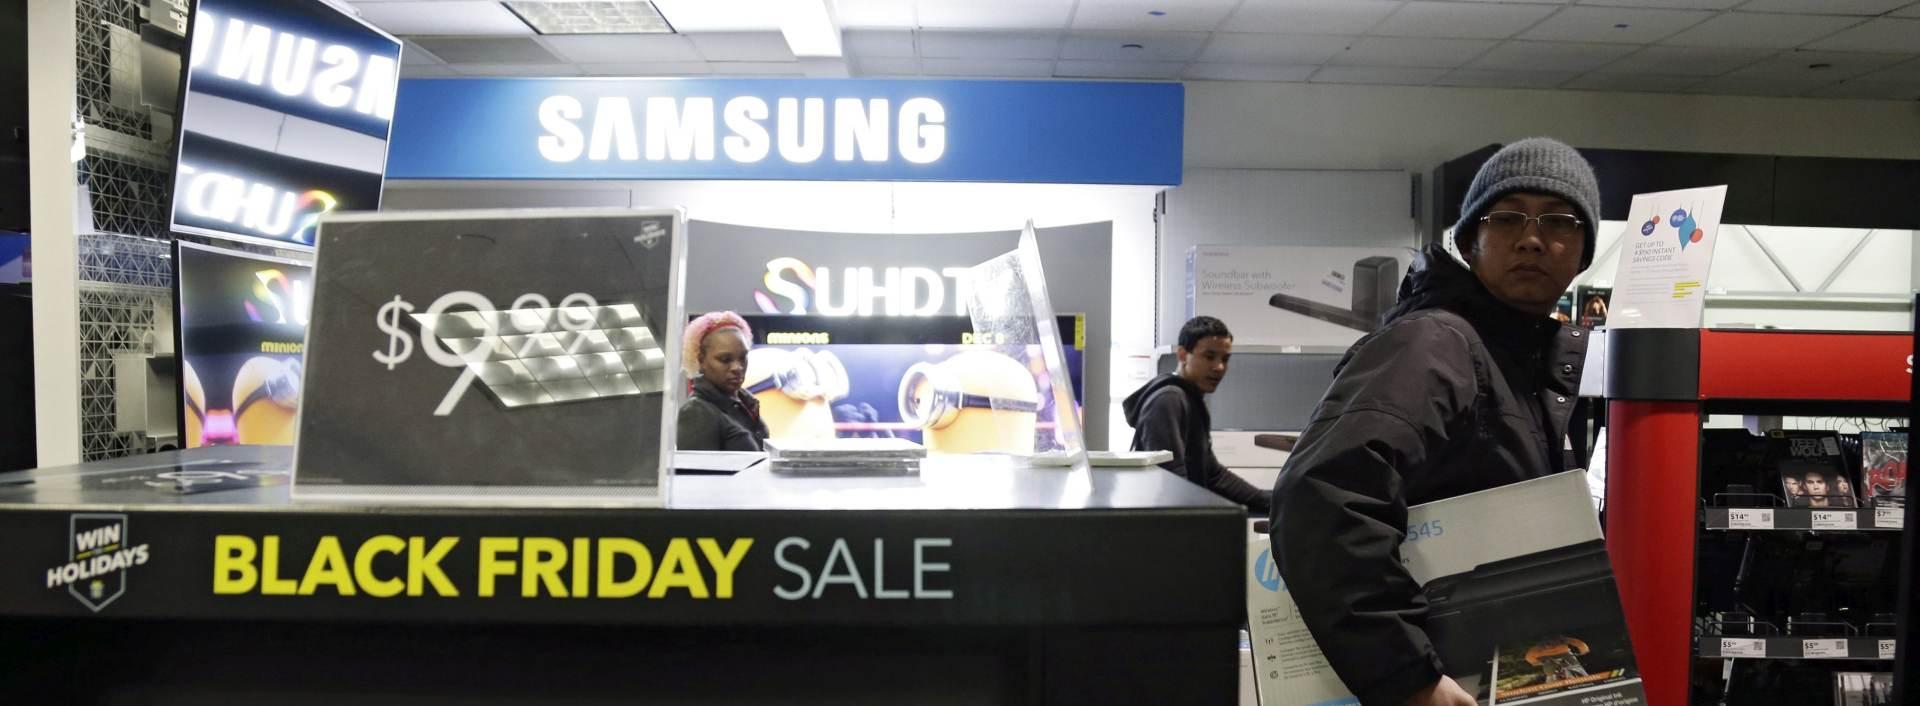 NOVI TRENDOVI: Na 'Crni petak' prodaja u američkim trgovinama pala, online porasla